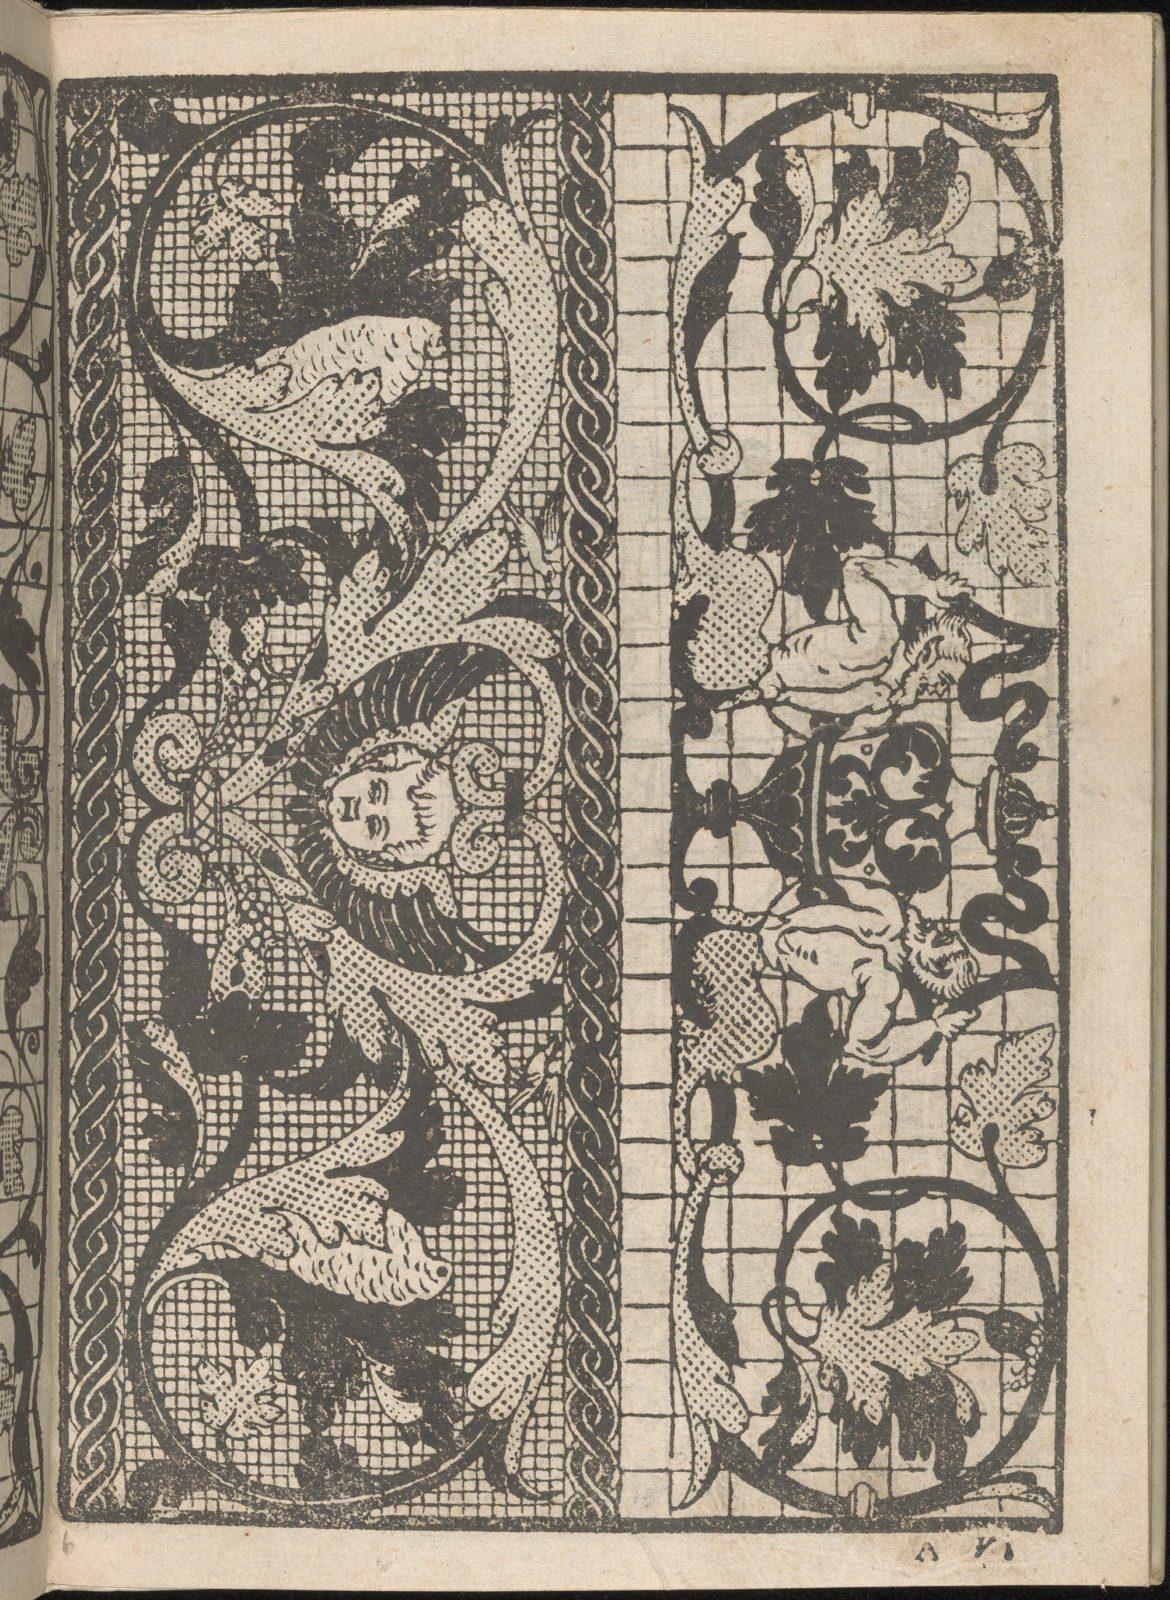 Splendore delle virtuose giovani, page 3 (verso)